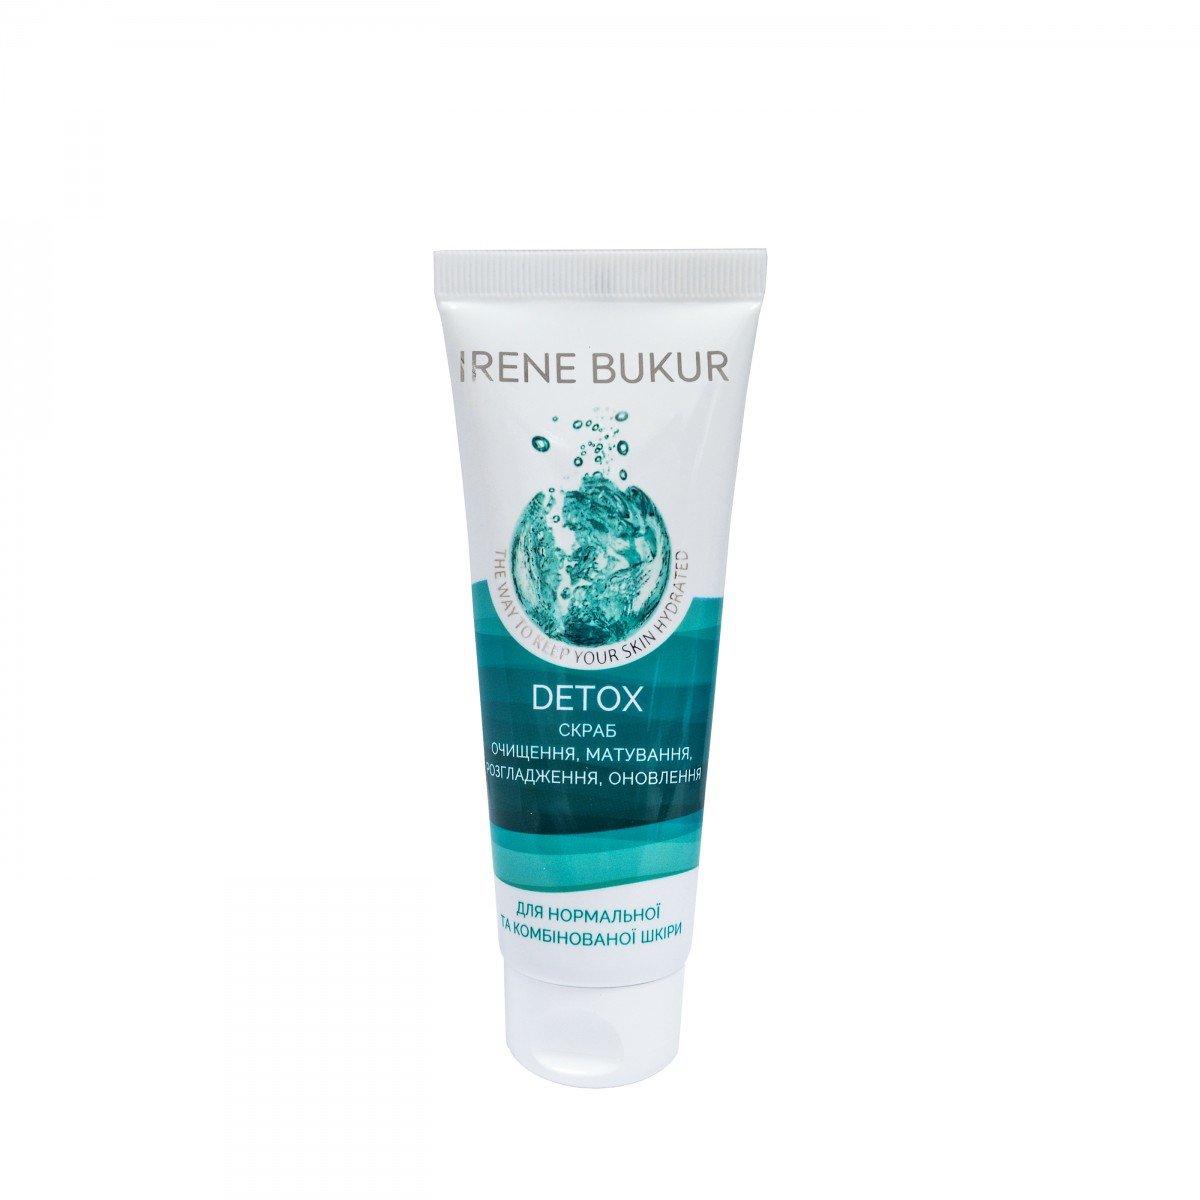 Detox-скраб для нормальной и комбинированной кожи, 75 г